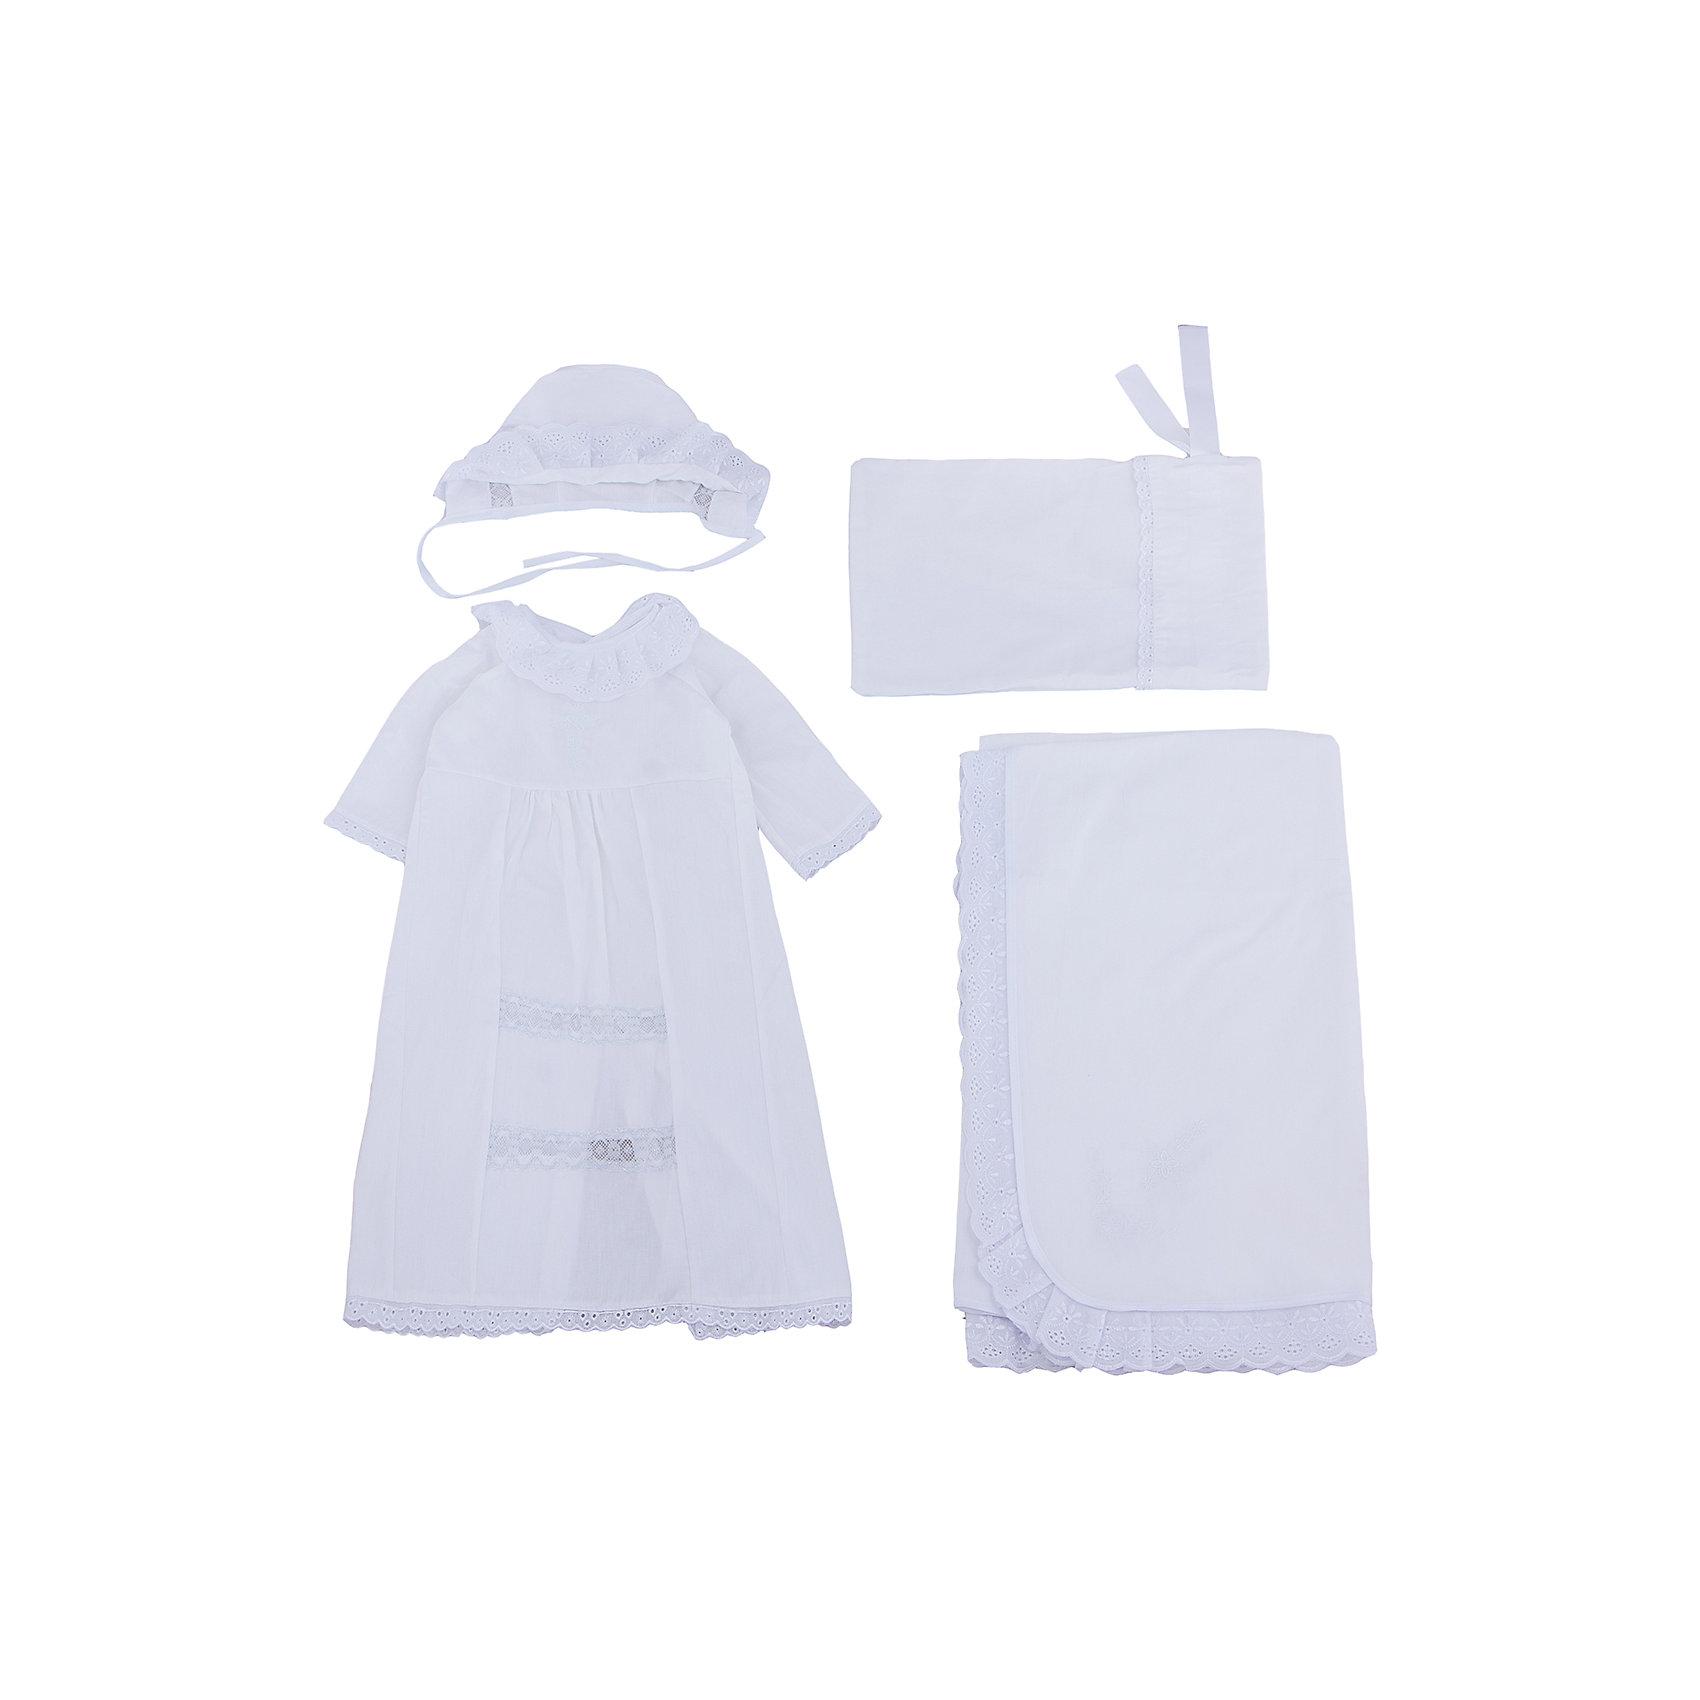 Сонный гномик Крестильный набор для девочки, р-р 68, Сонный гномик, белый халат для крещения купить в ставрополе